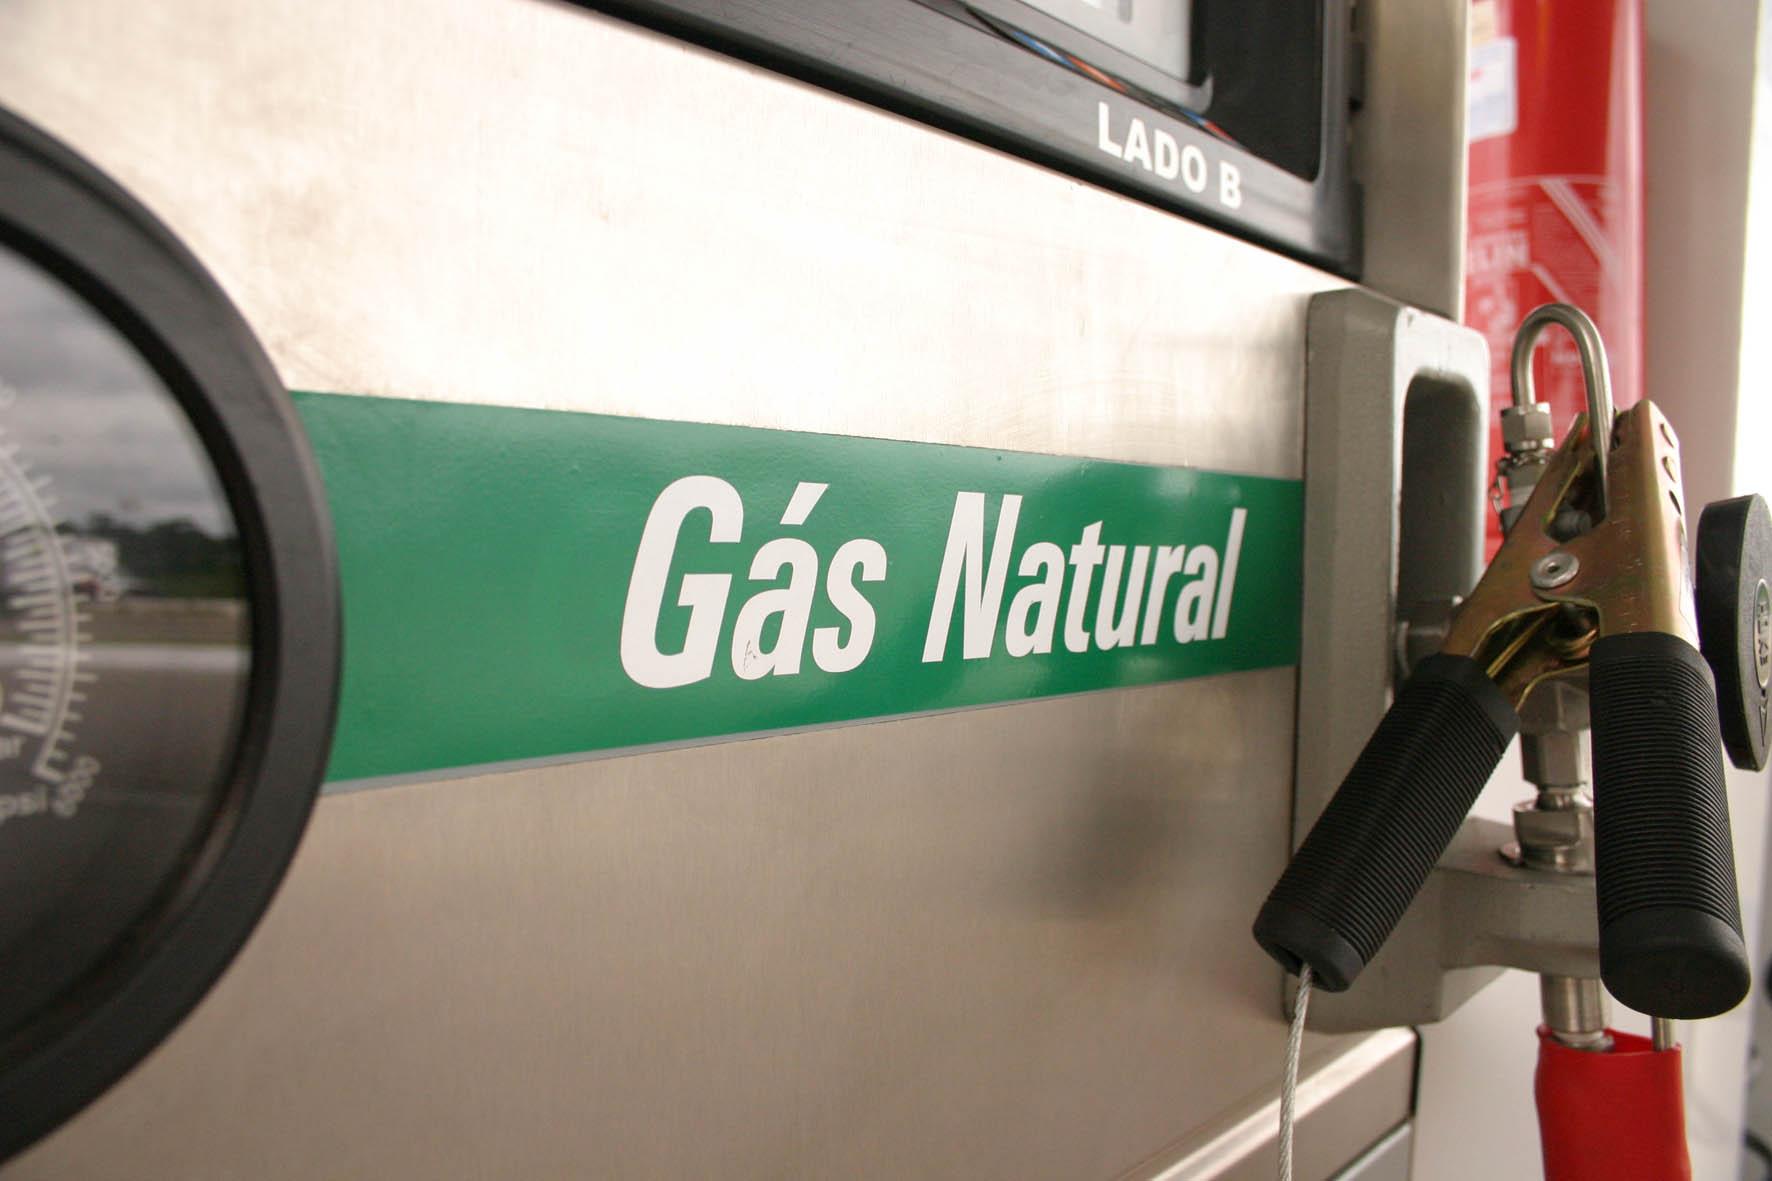 Alta no preço da gasolina torna o GNV até 50% mais econômico